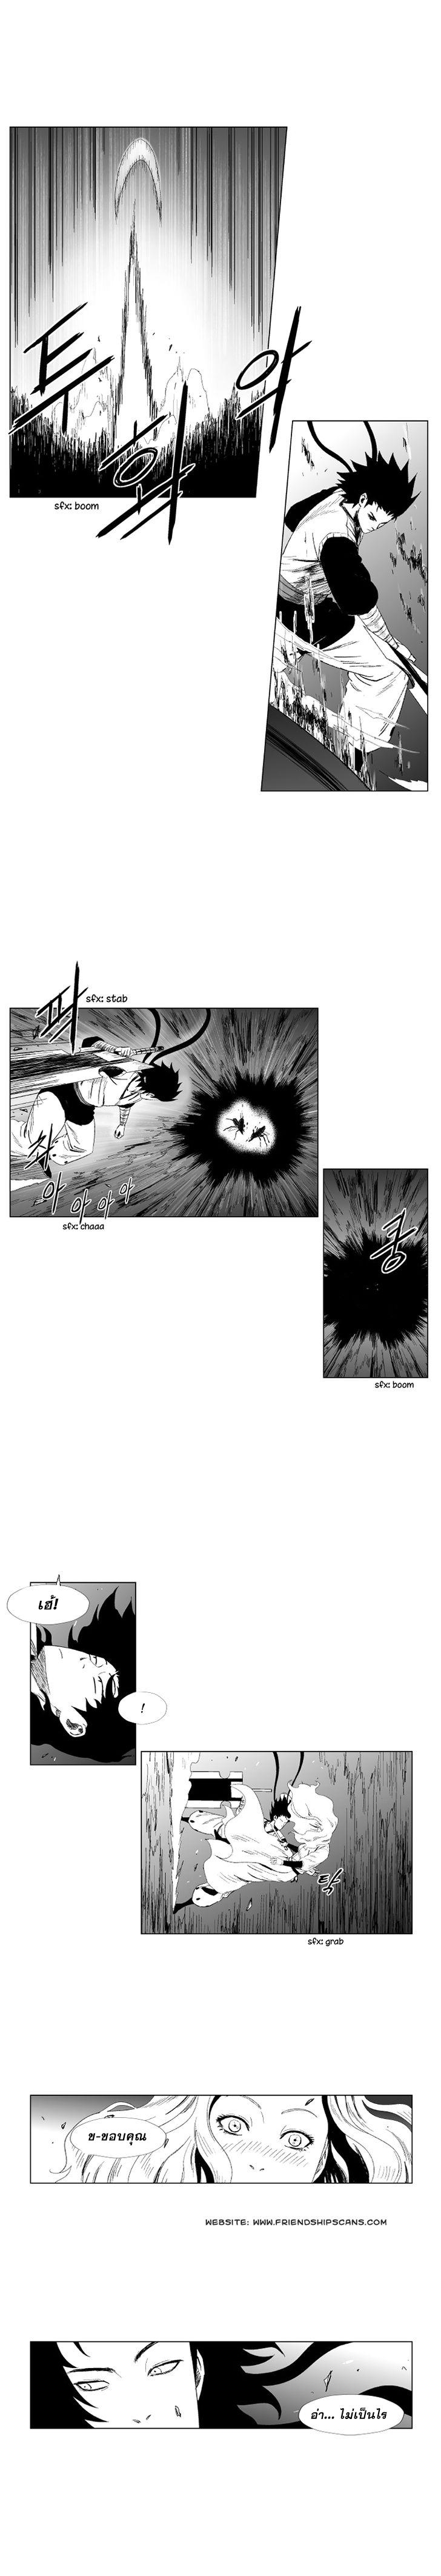 อ่านการ์ตูน พายุสีเลือด 91 ภาพที่ 4